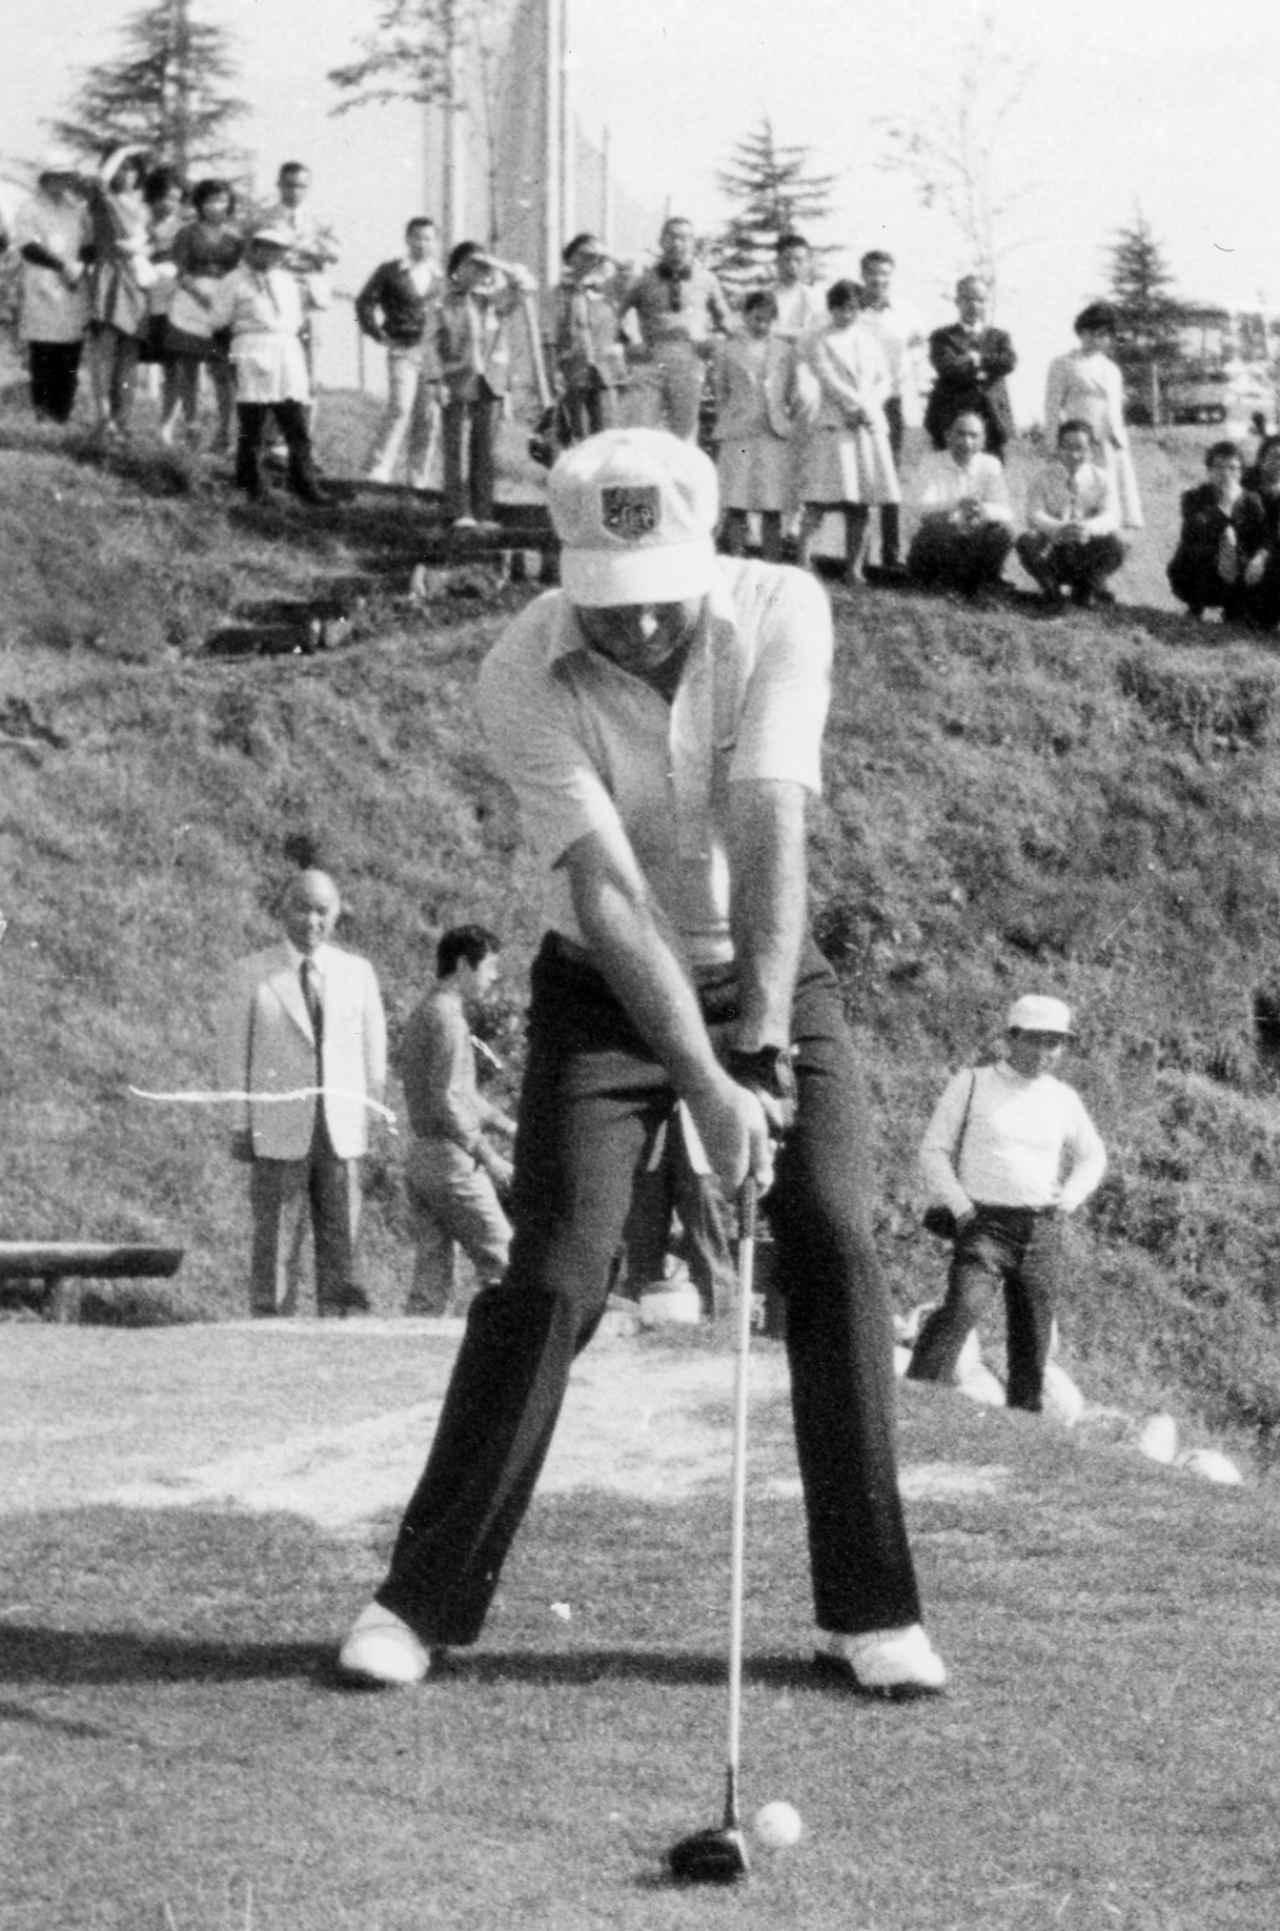 画像1: 【南アのゴルフ遺伝子Vol.2】ゲーリー・プレーヤーに学ぶこと